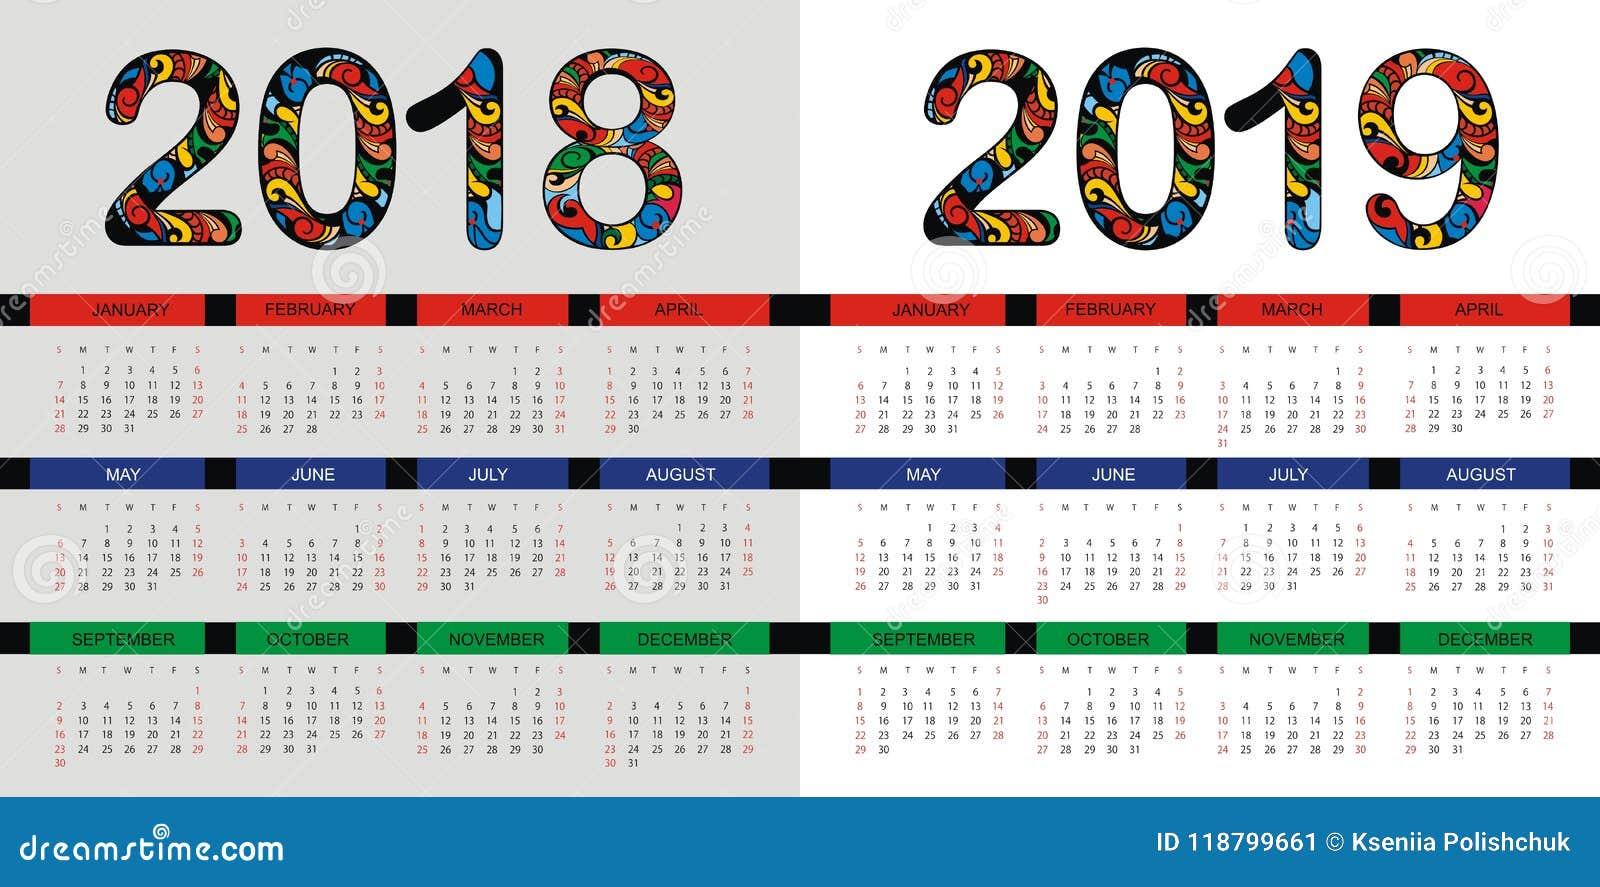 kalender plan f r 2018 und 2019 jahre vektordesign vektor abbildung illustration von februar. Black Bedroom Furniture Sets. Home Design Ideas